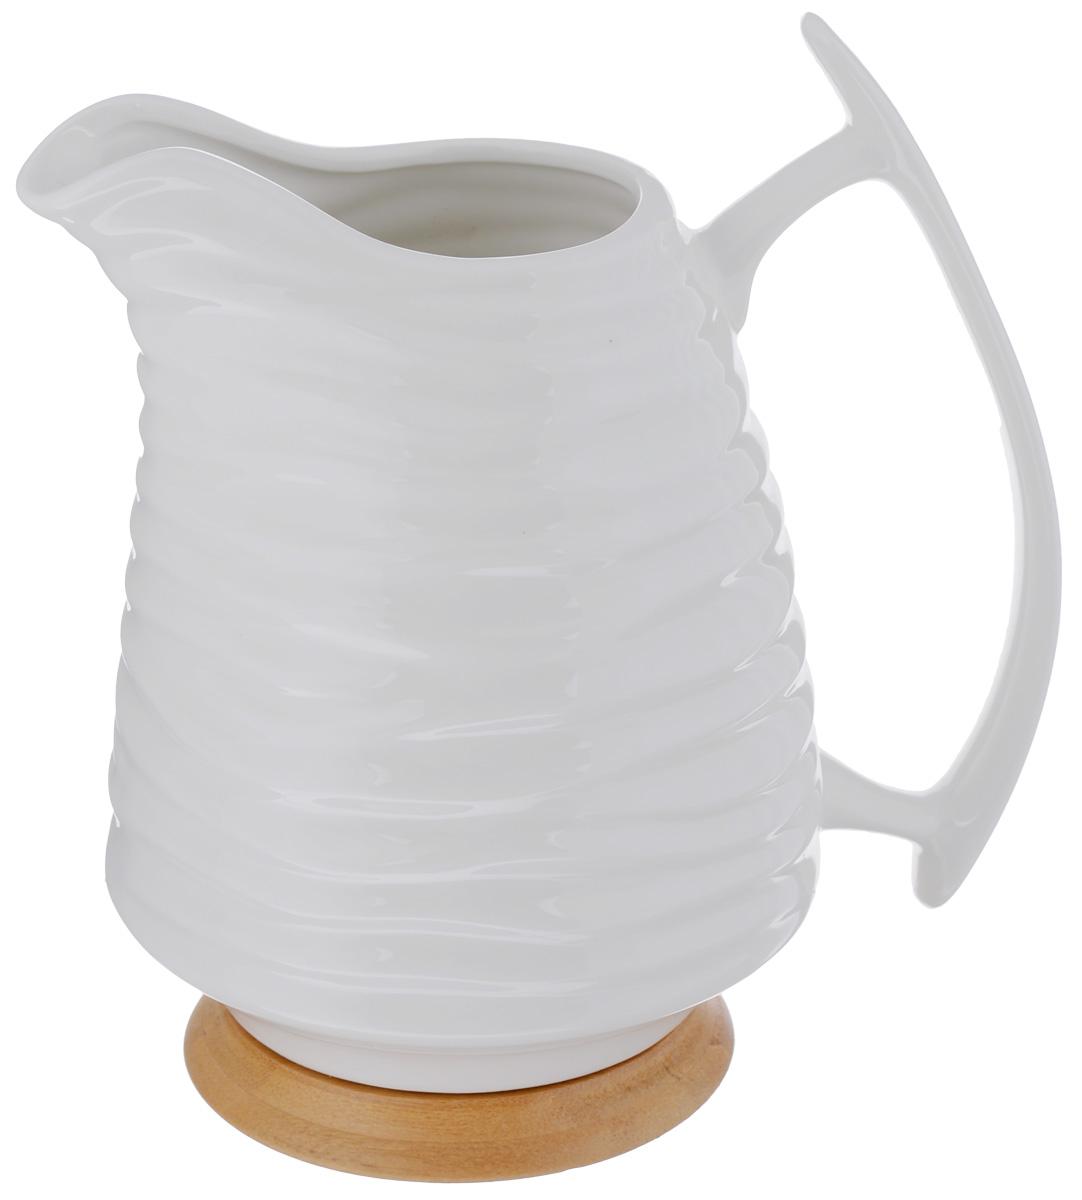 Кувшин Elan Gallery Айсберг, на подставке, 1,7 л540076Кувшин Elan Gallery Айсберг, выполненный из высококачественной керамики, оснащен эргономичной ручкой. Деревянная подставка предотвратит повреждение поверхности стола. Внешние стенки изделия декорированы рельефным рисунком. В таком кувшине будет удобно хранить и подавать на стол молоко, соки или воду. Кувшин Elan Gallery Айсберг украсит любой кухонный интерьер и станет хорошим подарком для ваших близких. Размер (по верхнему краю): 12 х 7,5 см. Высота (с учетом подставки): 22 см.